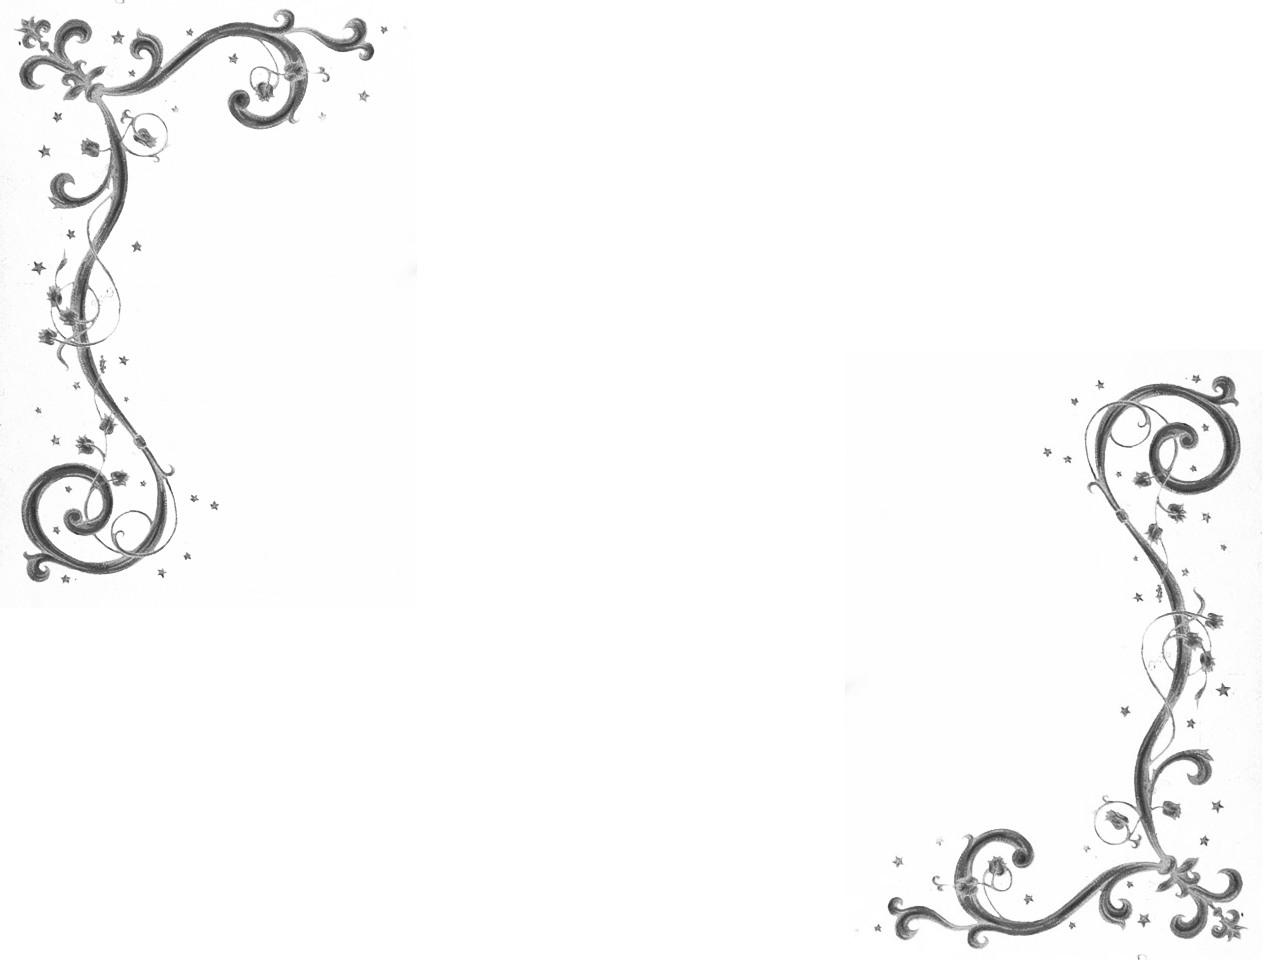 简单黑白花边框素材,简笔画花藤边框素材,画轴花边框素材